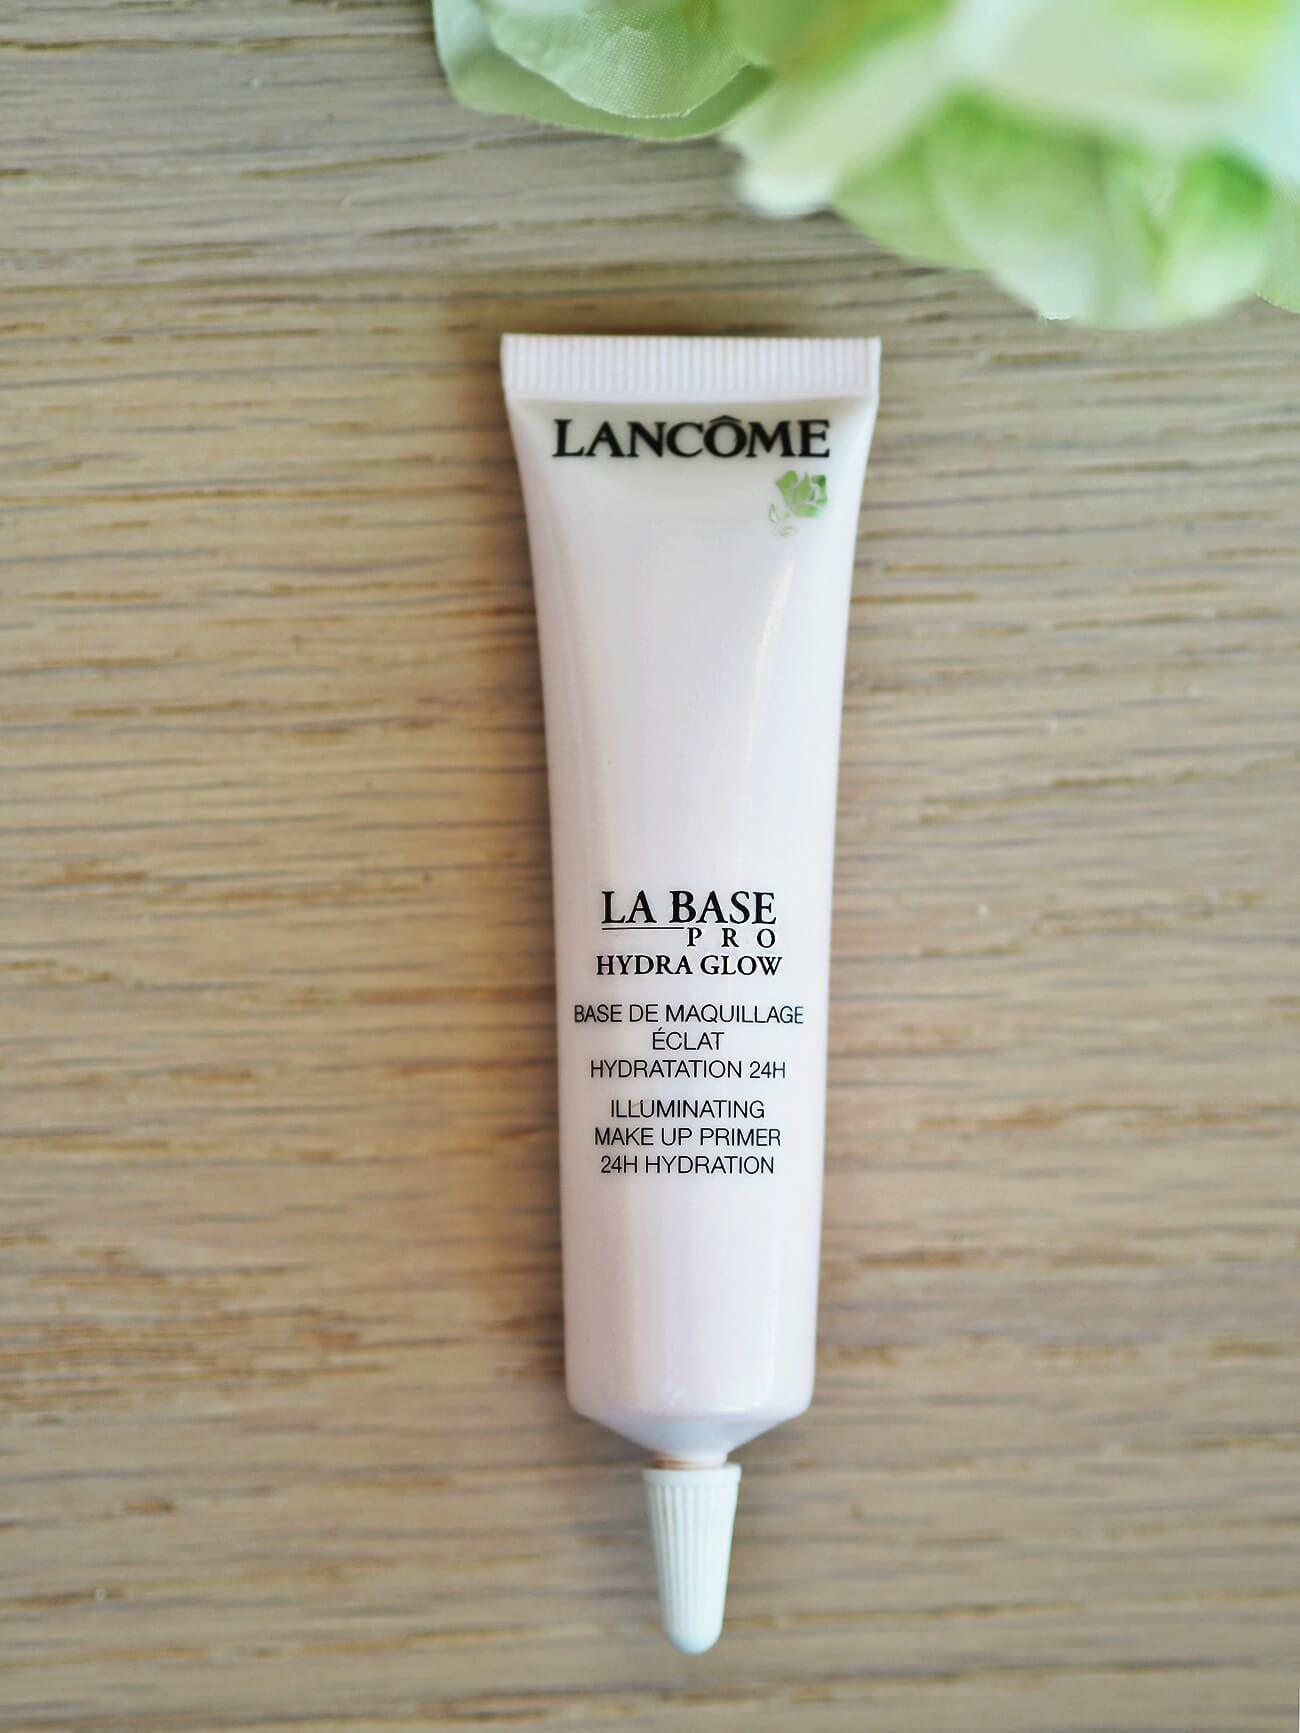 kem-lot-lancome-trang-diem-mat-la-base-pro-hydra-glow-10